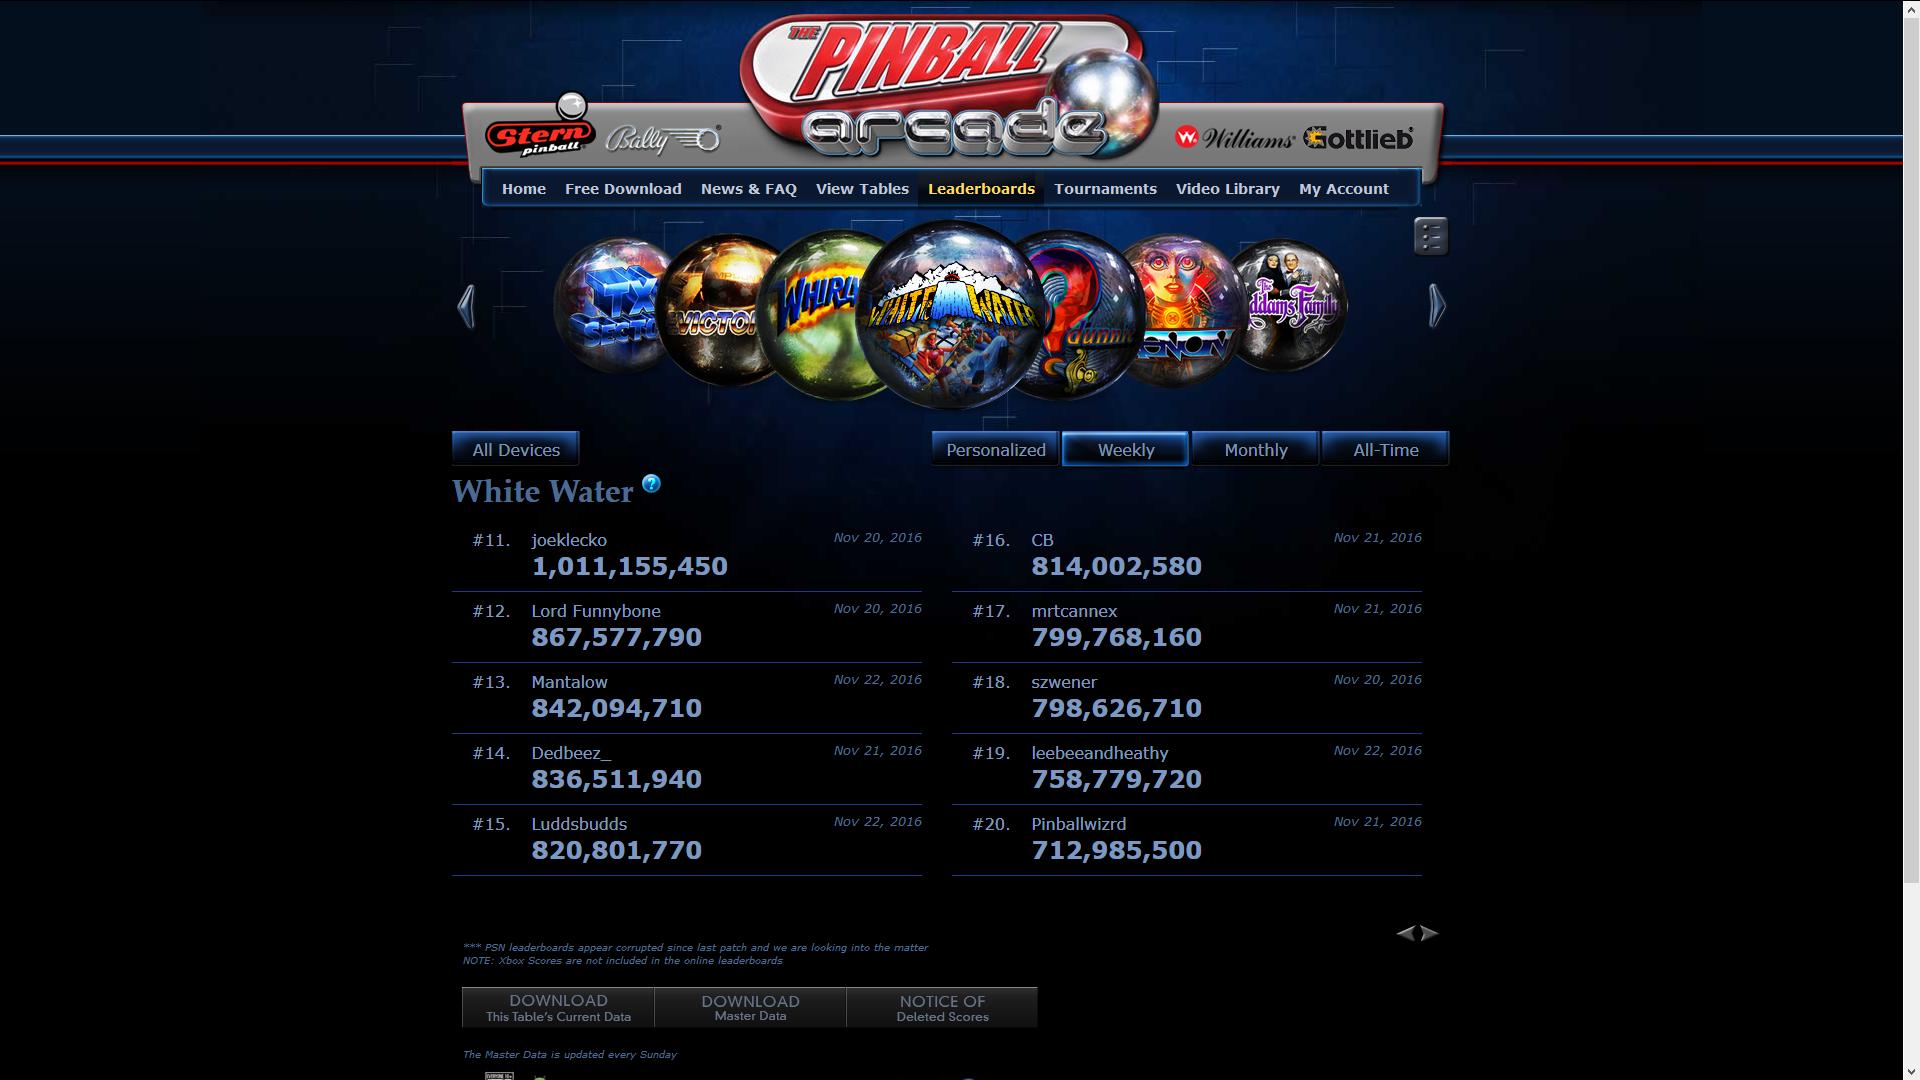 Mantalow: Pinball Arcade: White Water (PC) 842,094,710 points on 2016-11-22 09:14:31